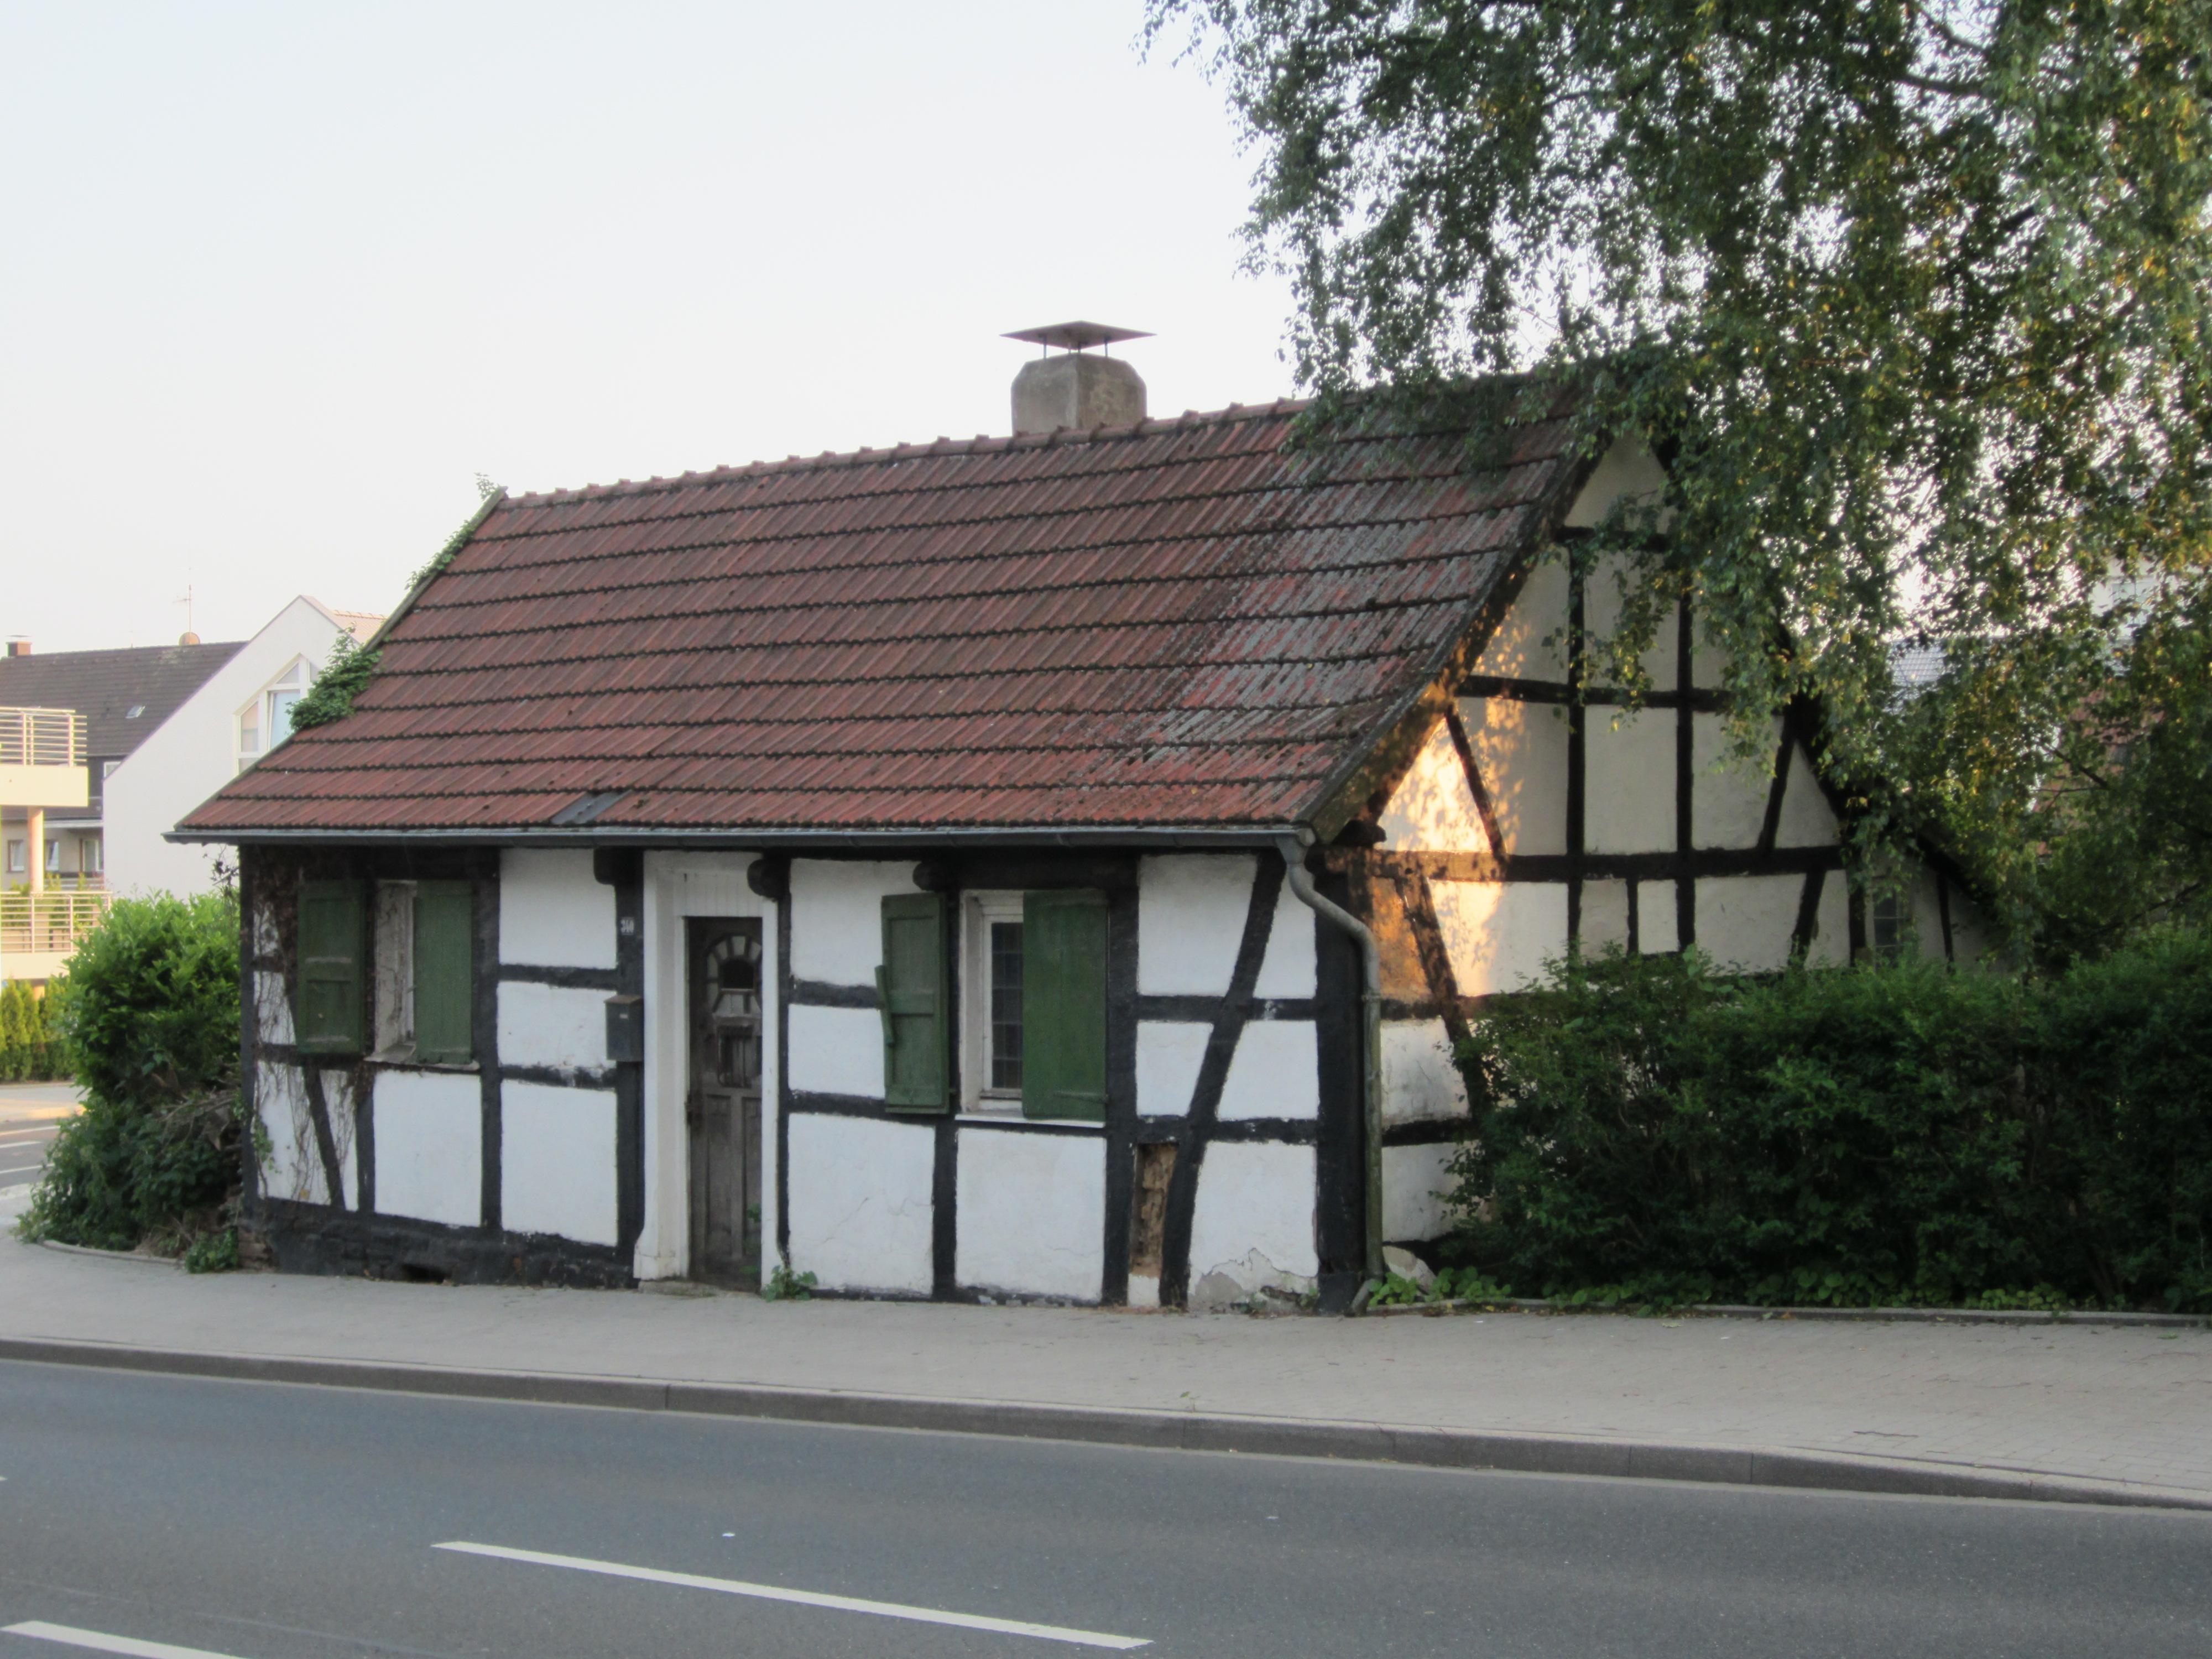 File:Essen-Heisingen Heisinger Strasse 340.jpg - Wikimedia ...